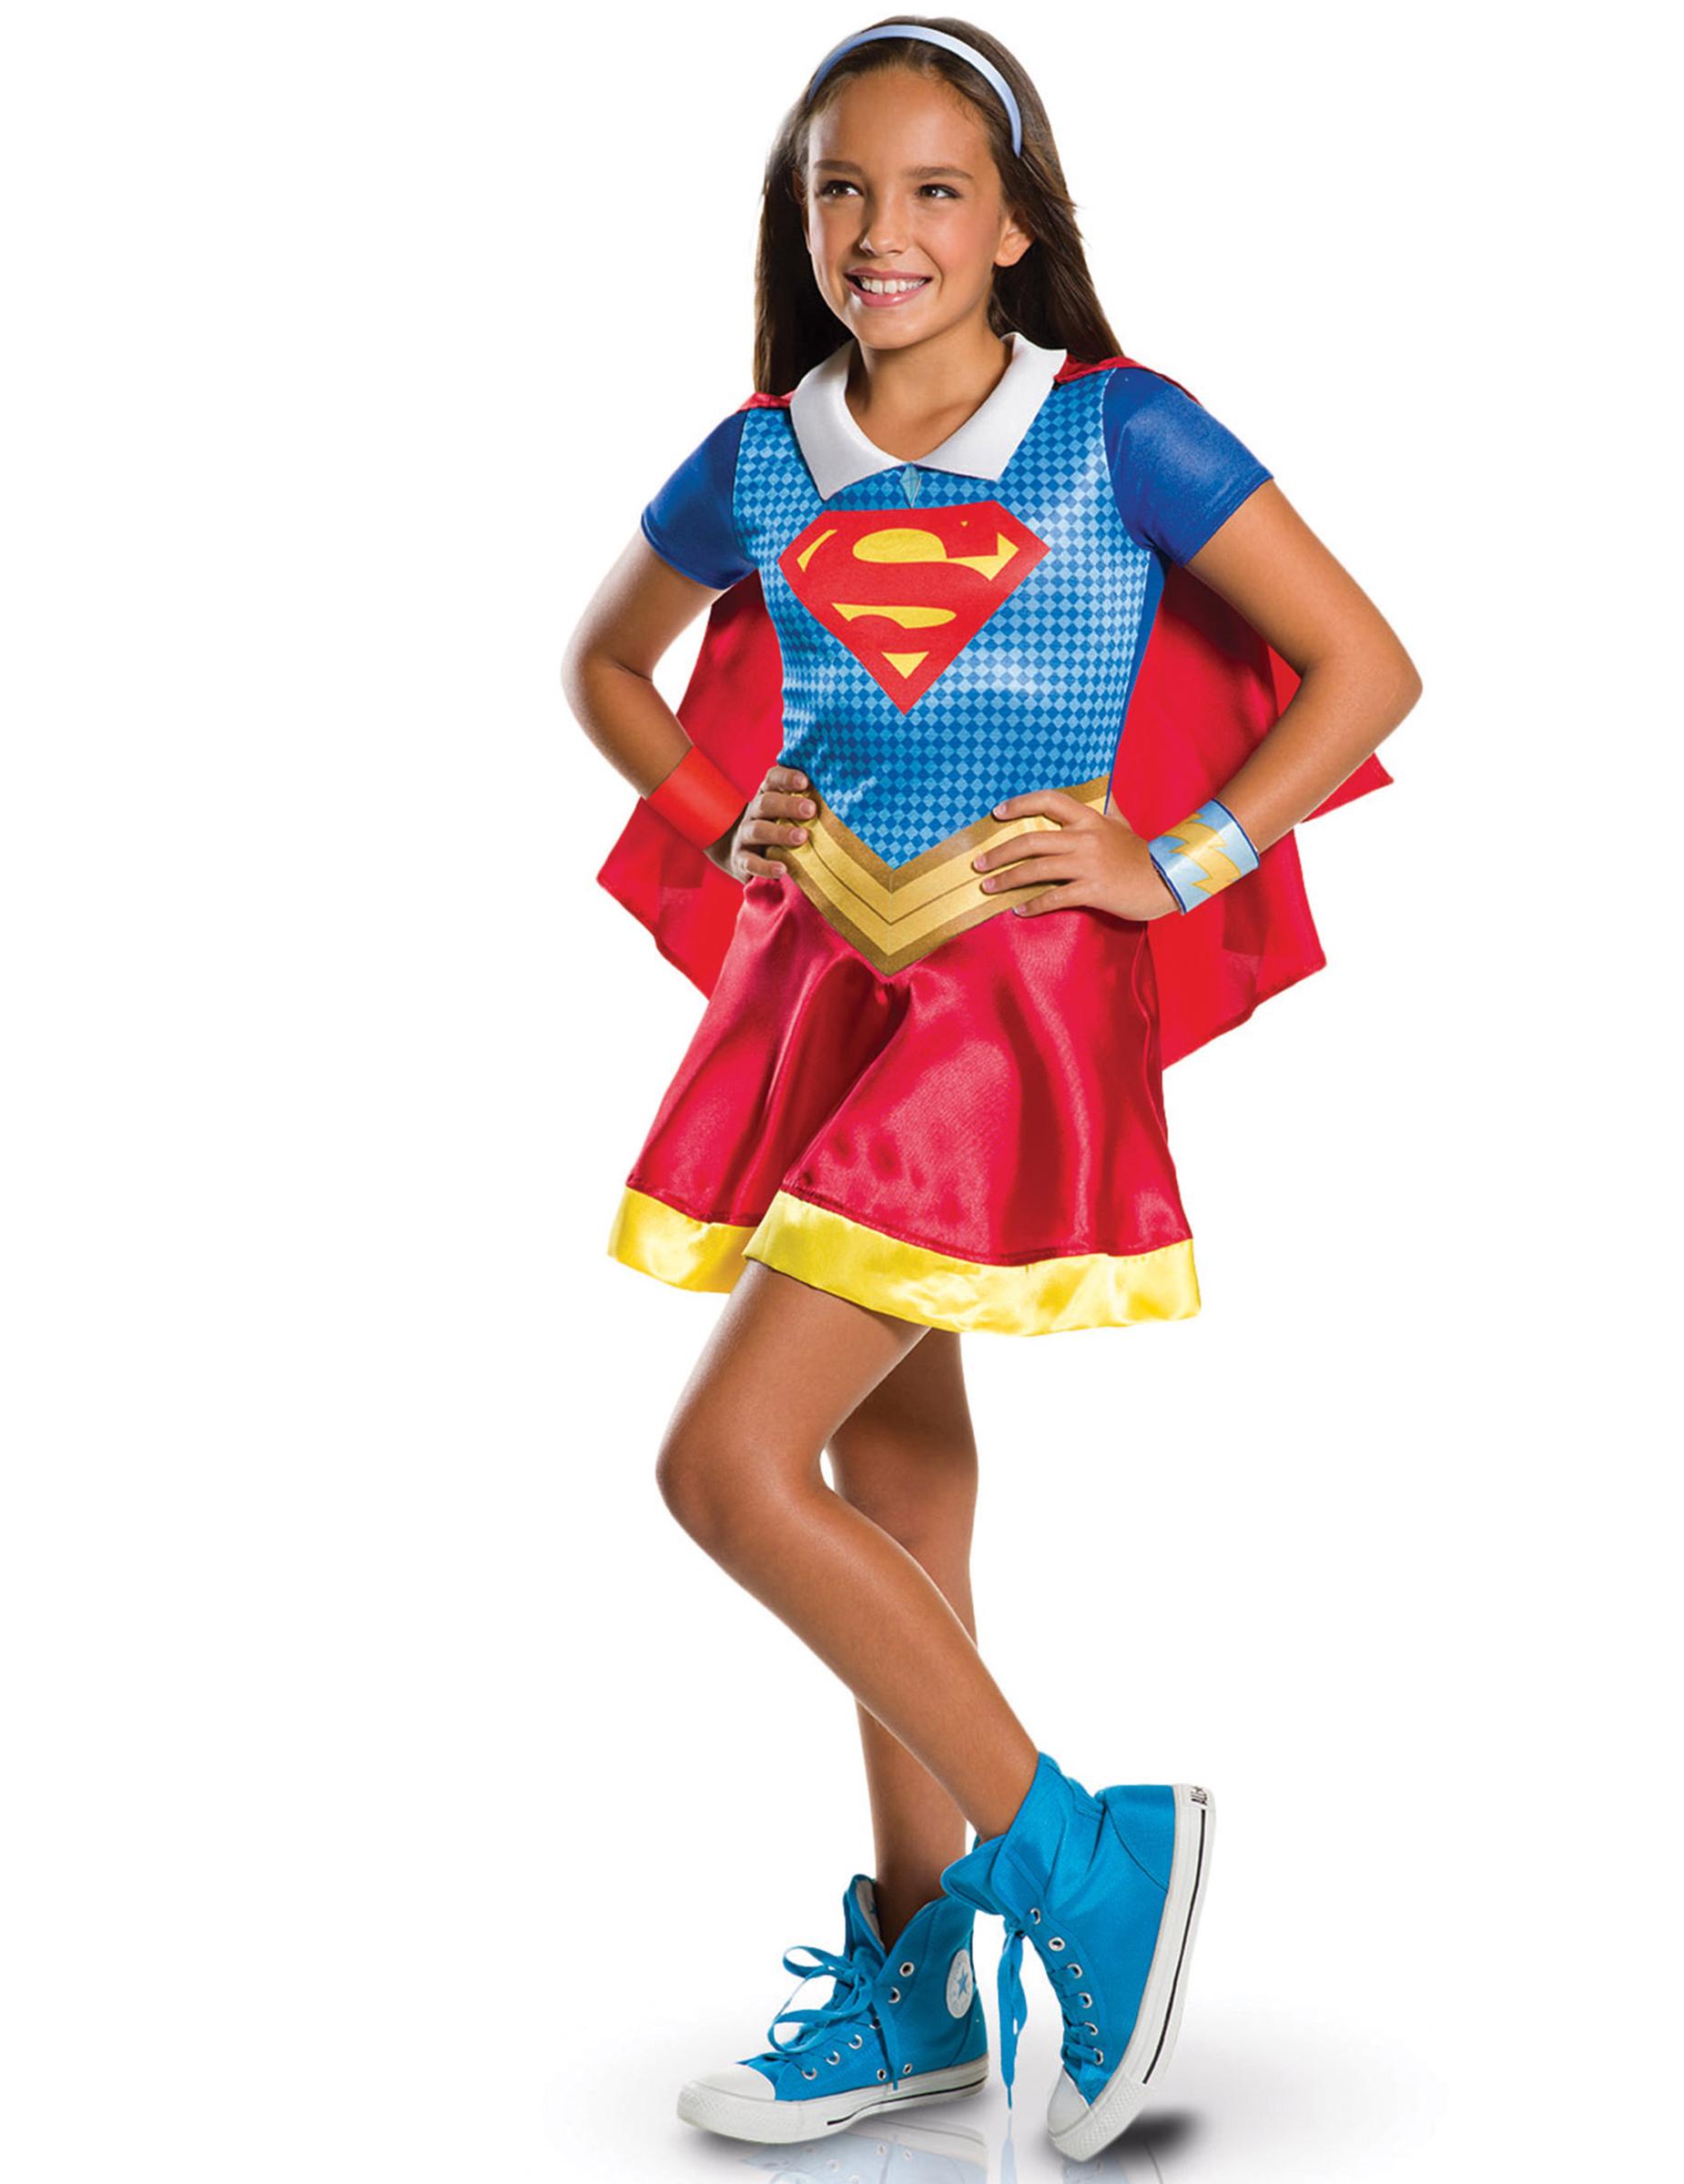 D guisement classique super hero girls supergirl fille deguise toi achat de d guisements enfants - Image super heros fille ...